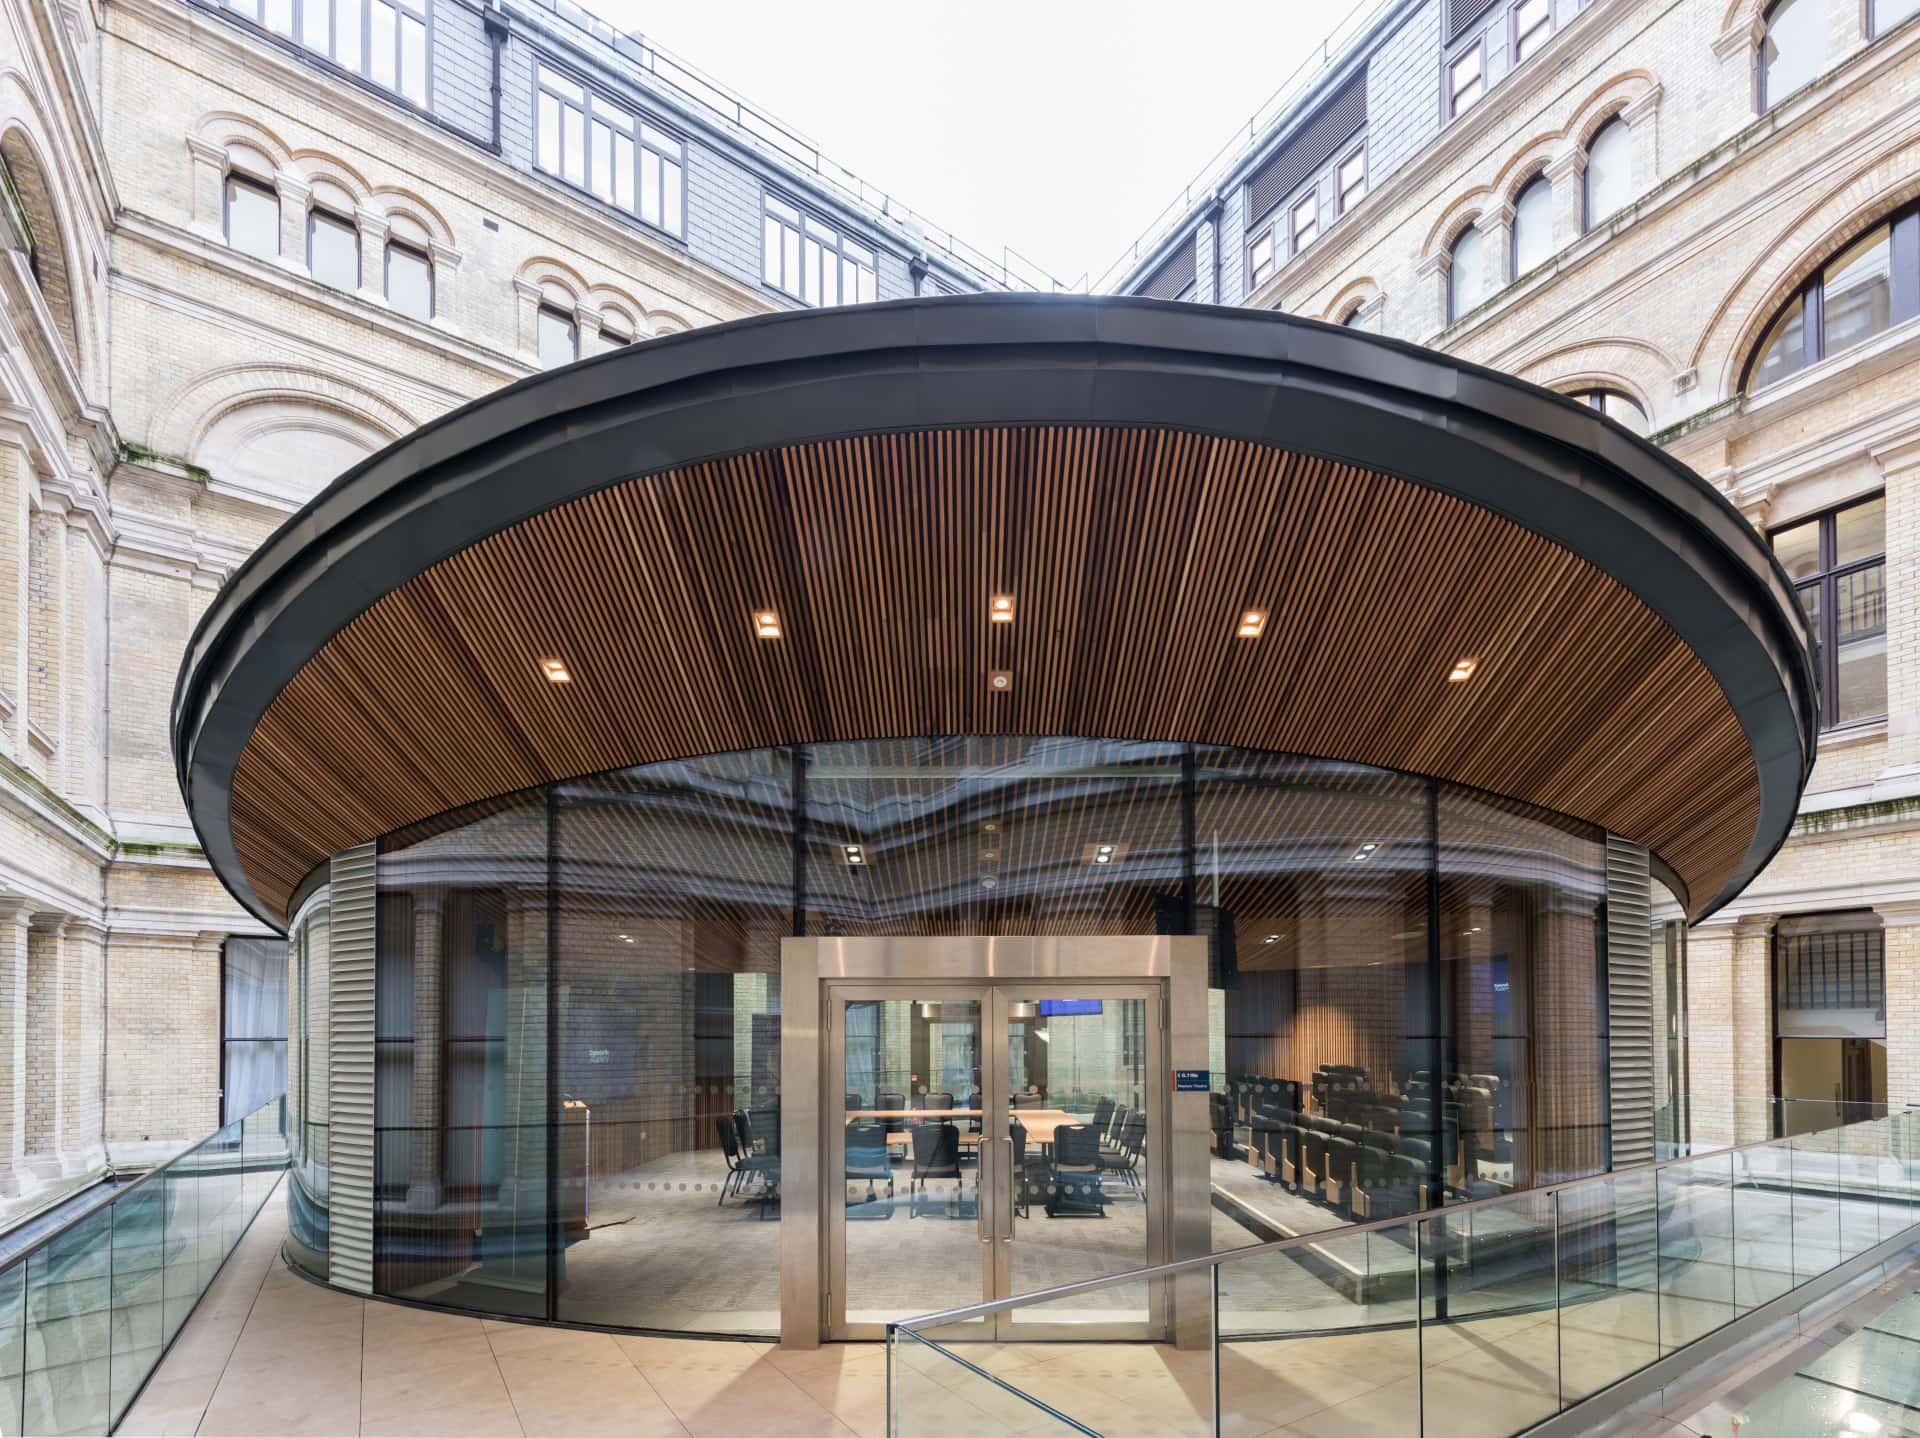 Structural glass facade